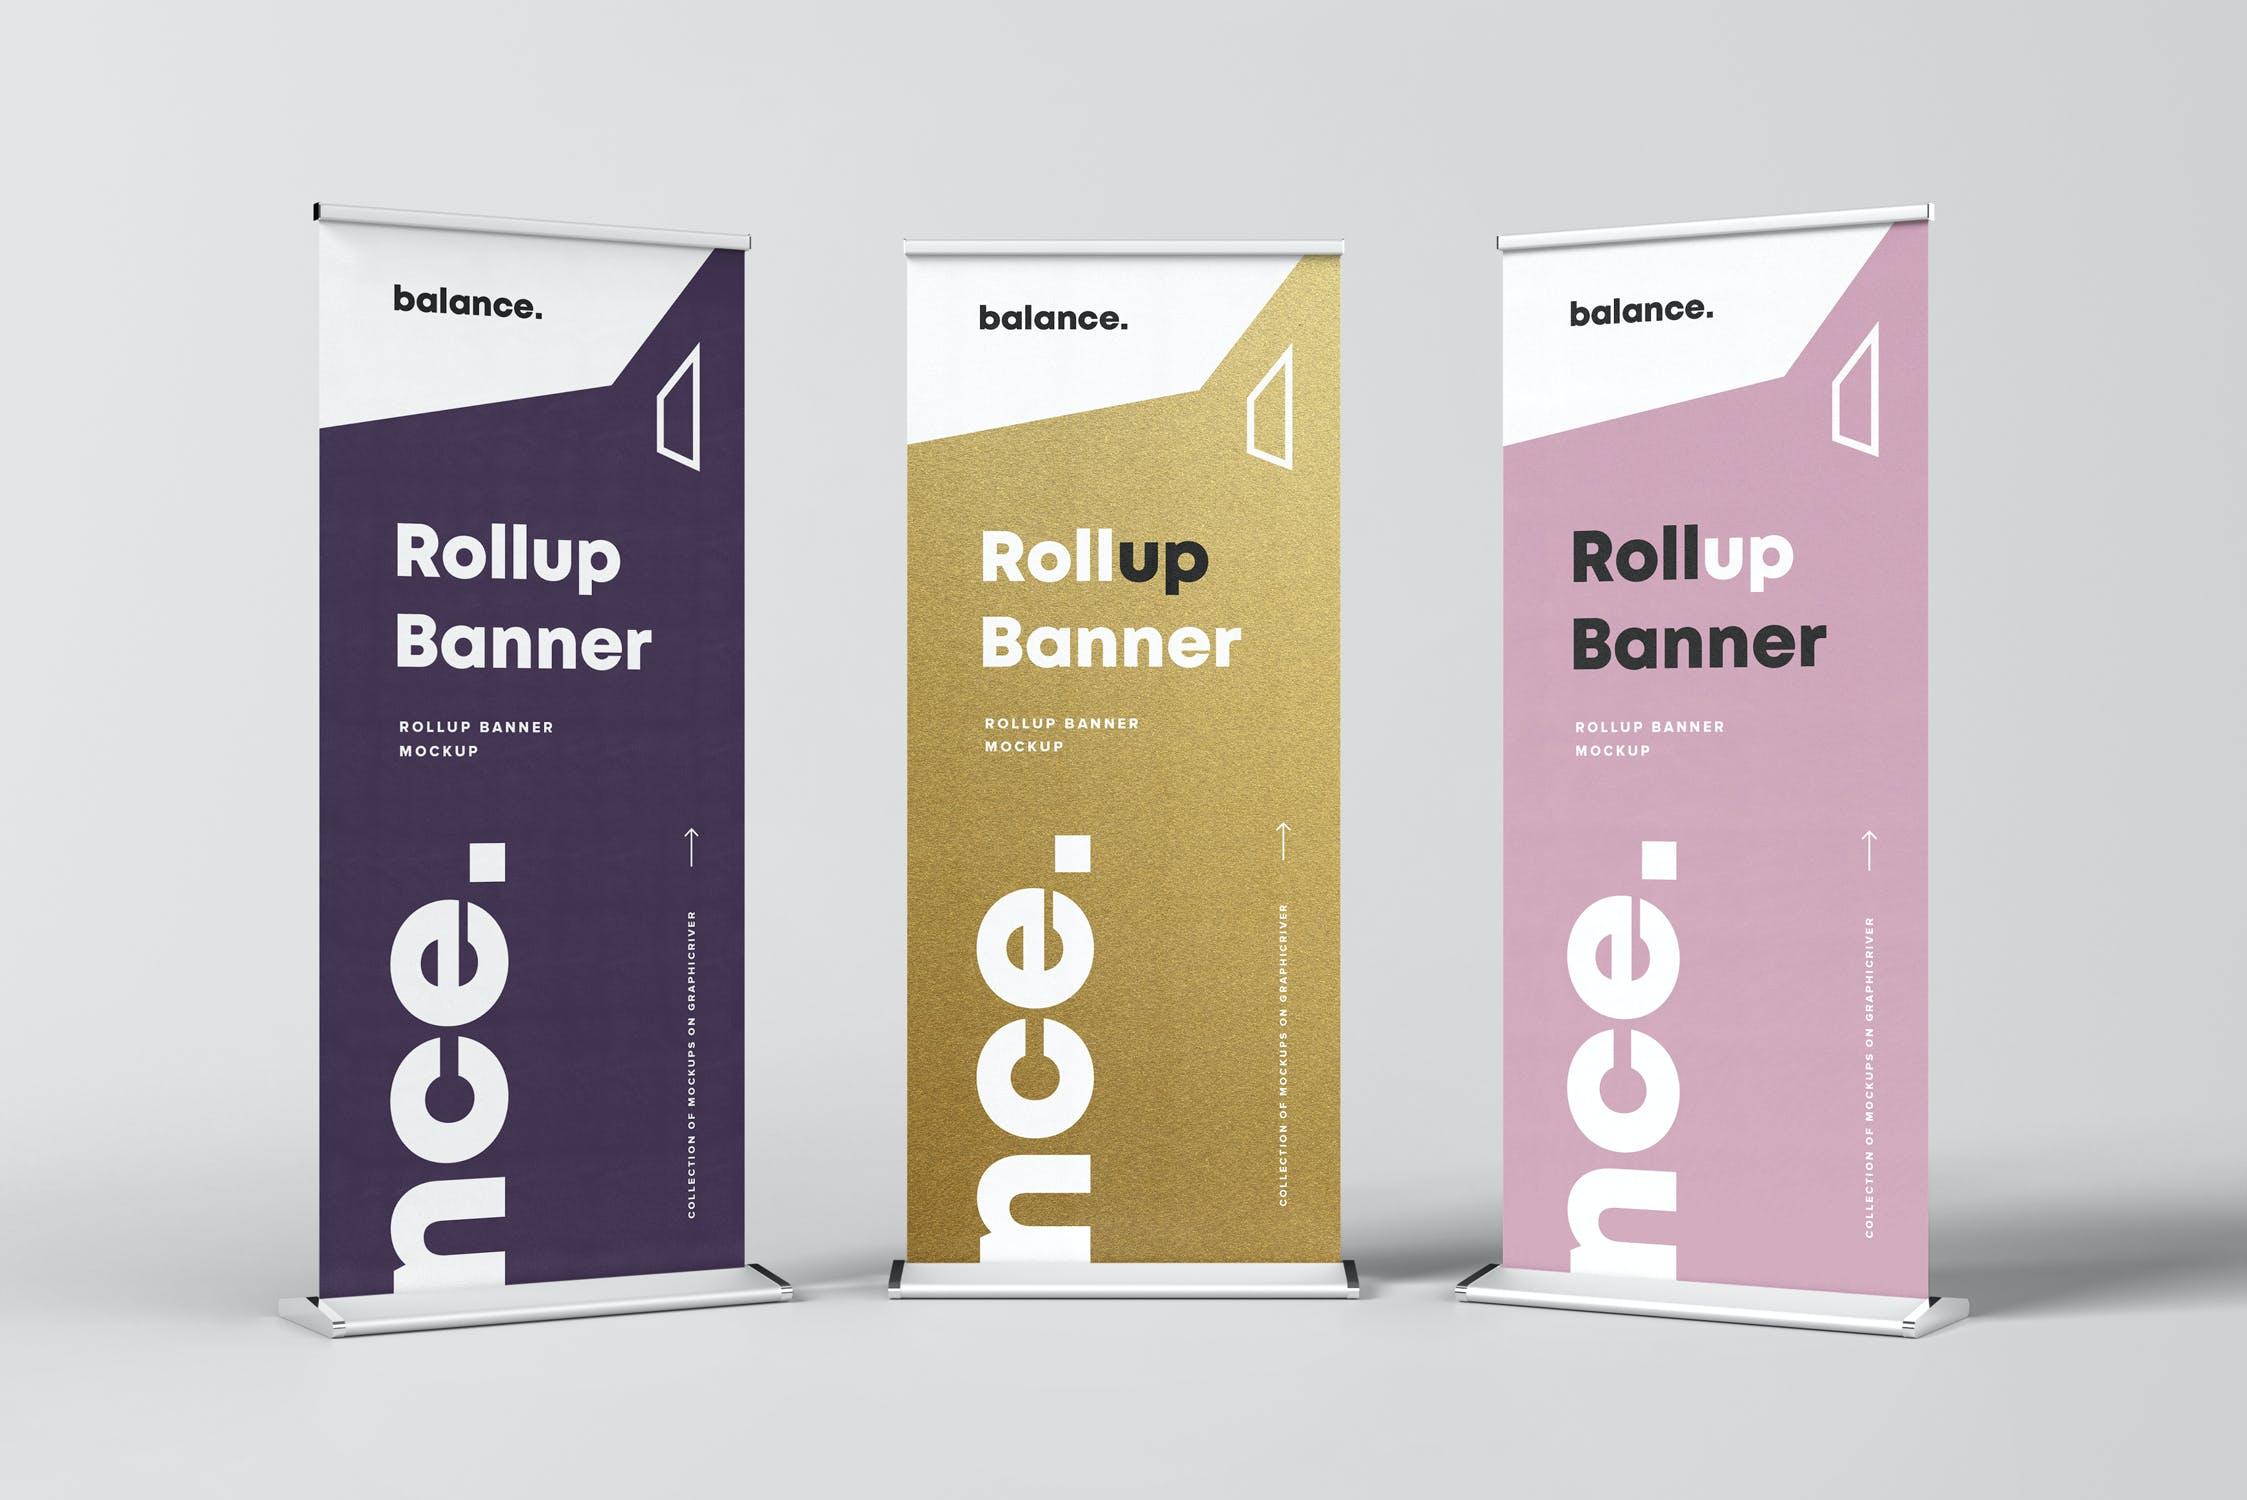 7款自立式易拉宝展架横幅海报设计展示样机模板 Roll Up Banner Mockup插图(6)